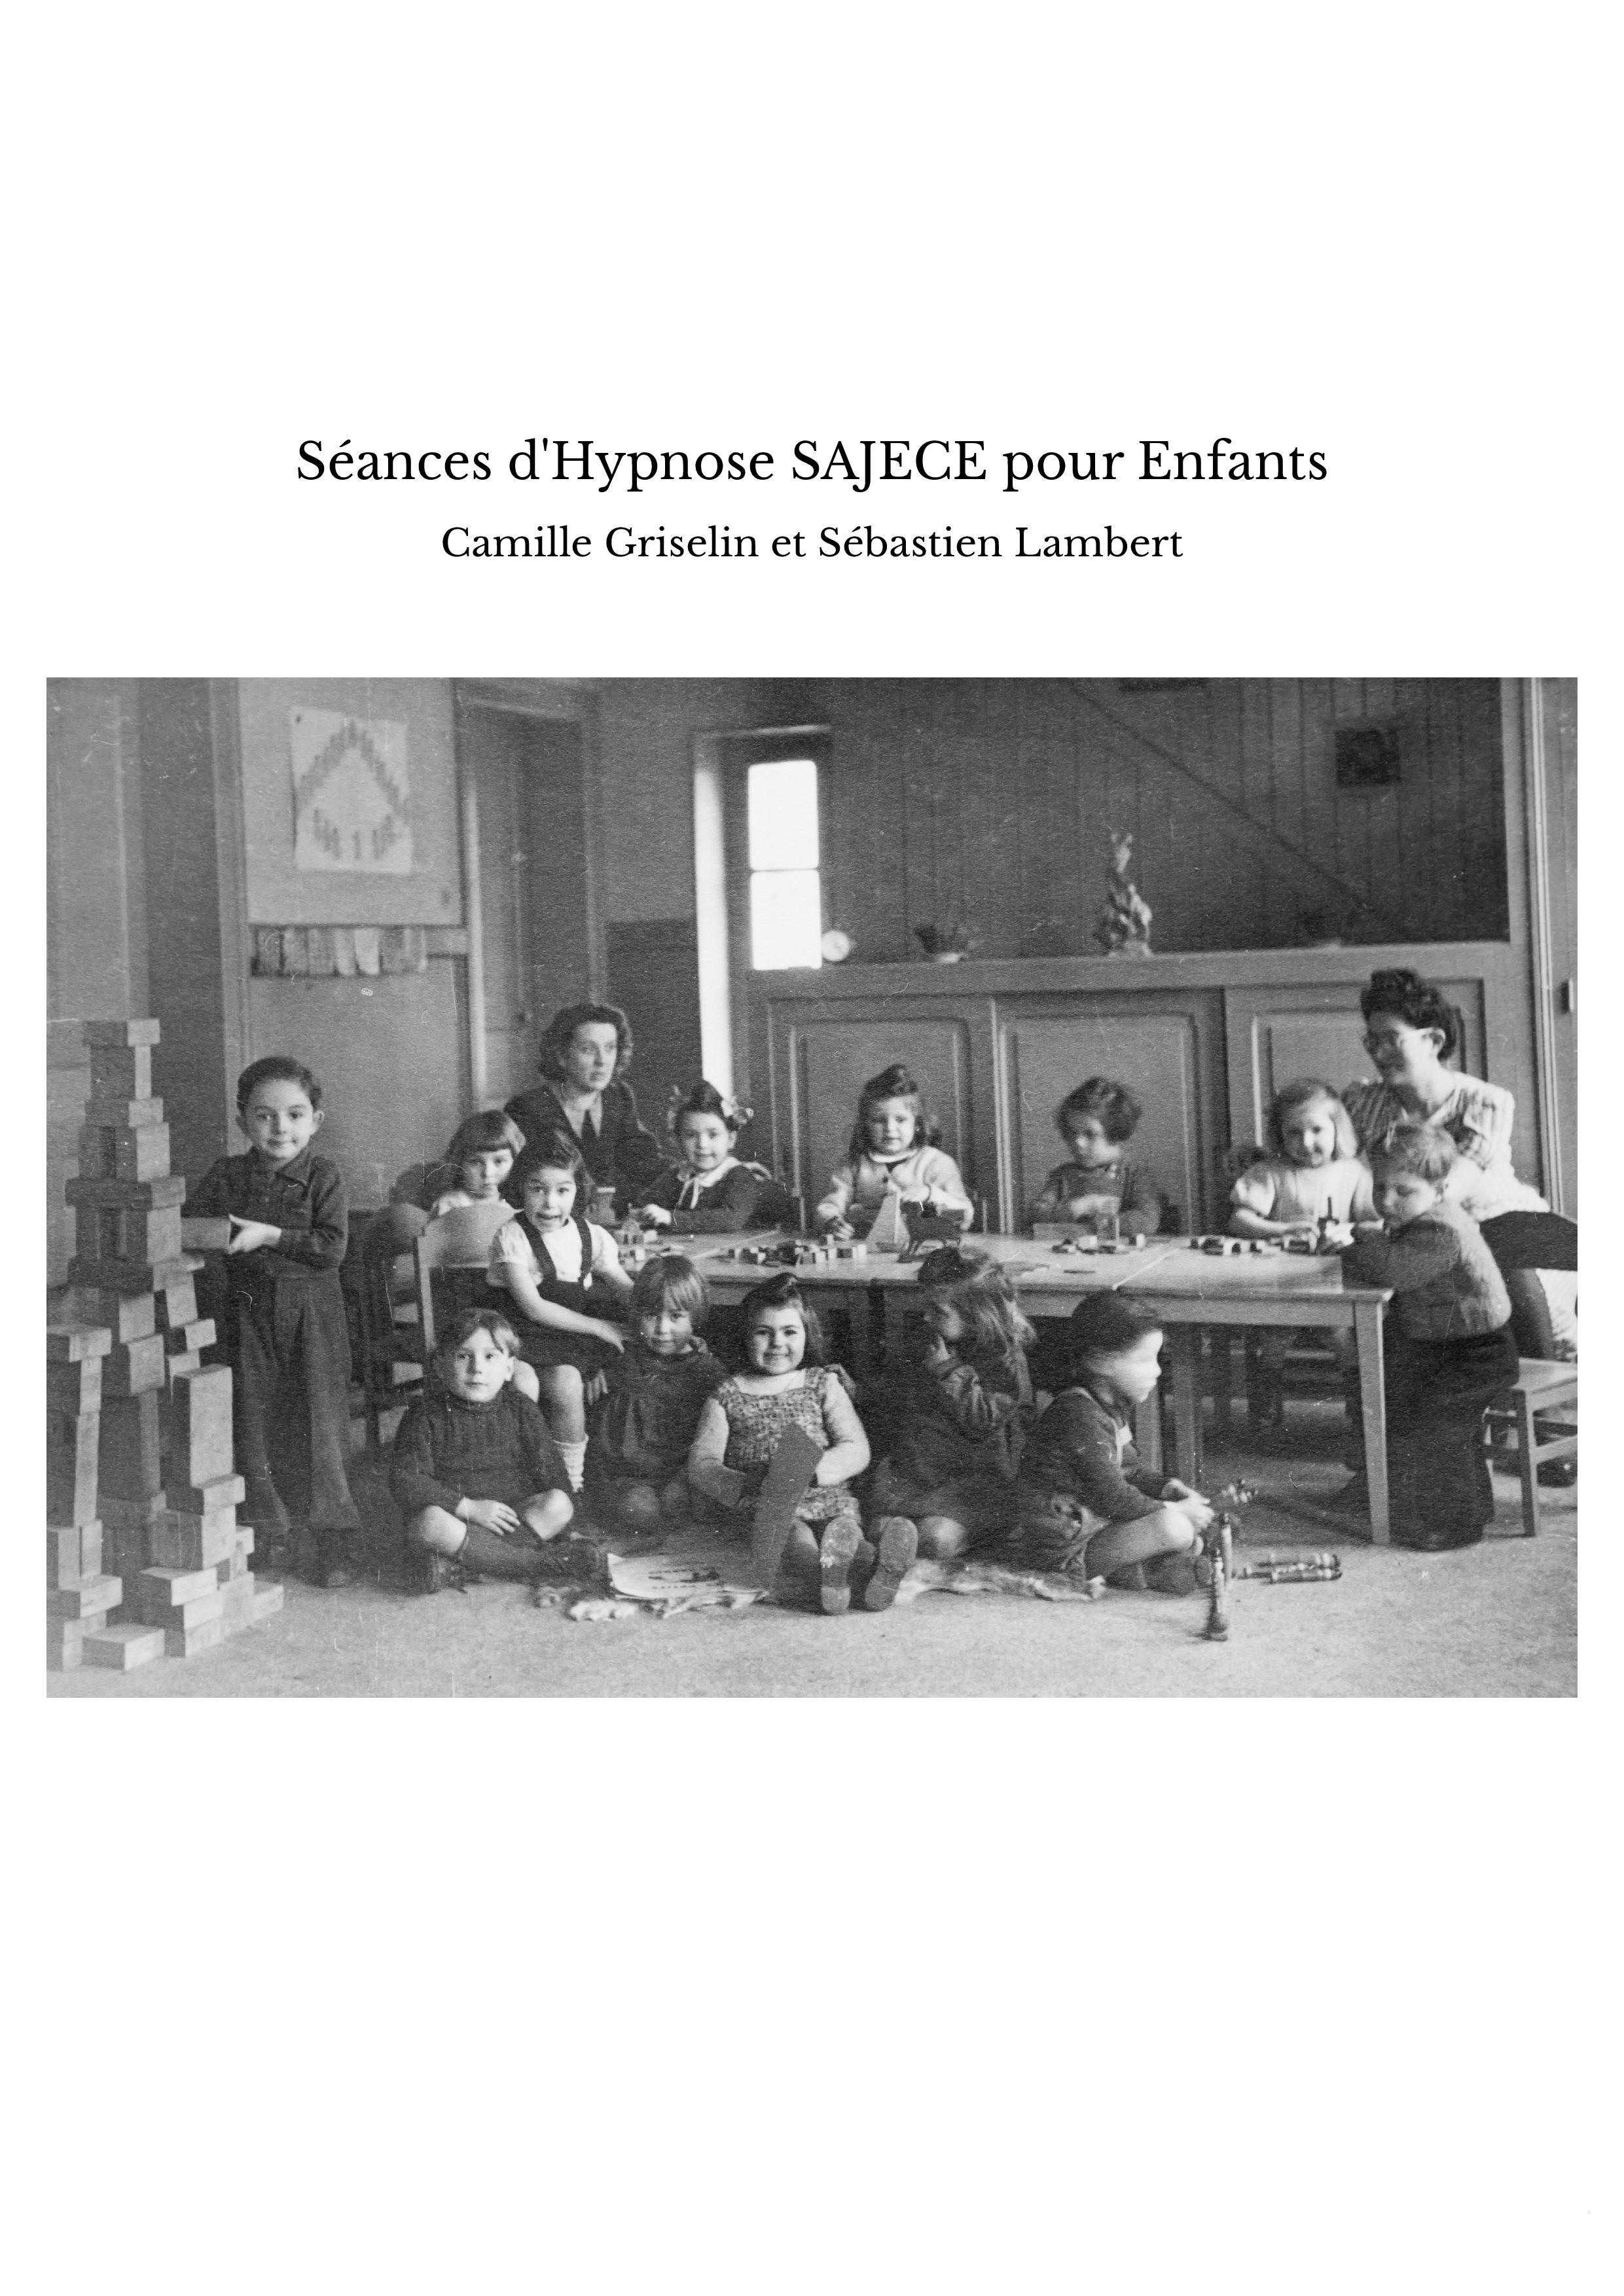 Séances d'Hypnose SAJECE pour Enfants